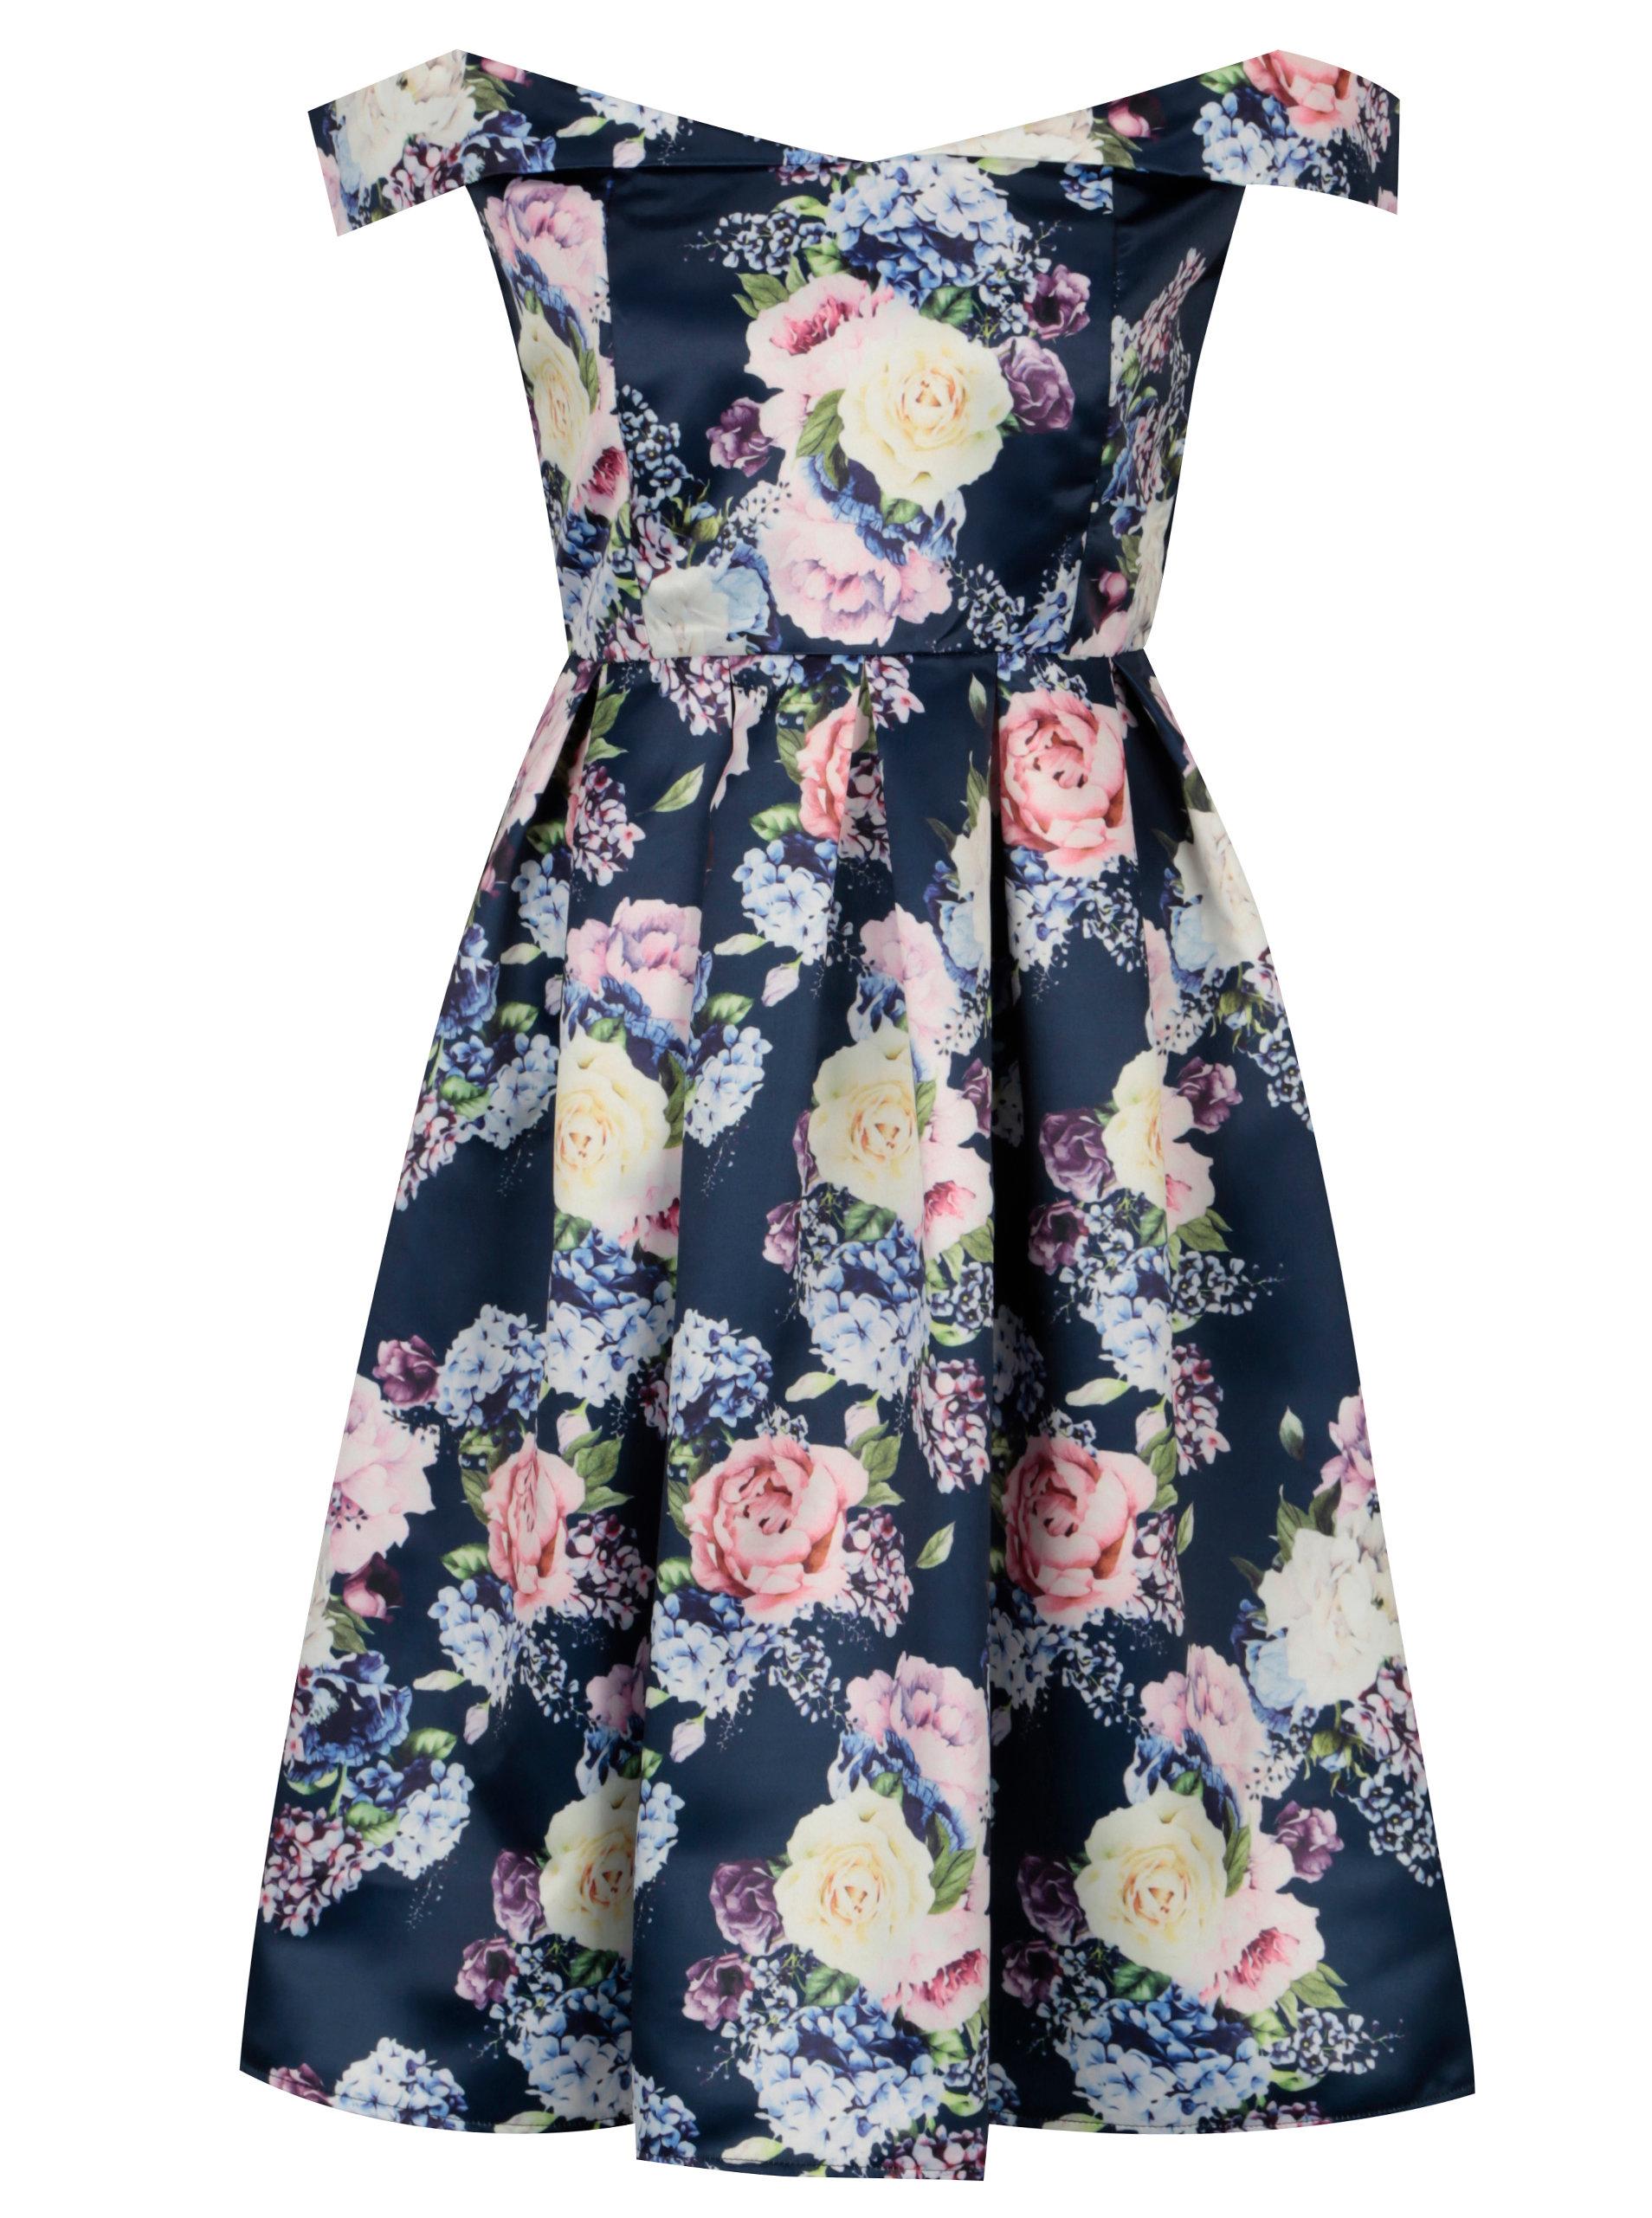 22a5521fa2d2 Tmavomodré kvetované šaty s odhalenými ramenami Mela London ...